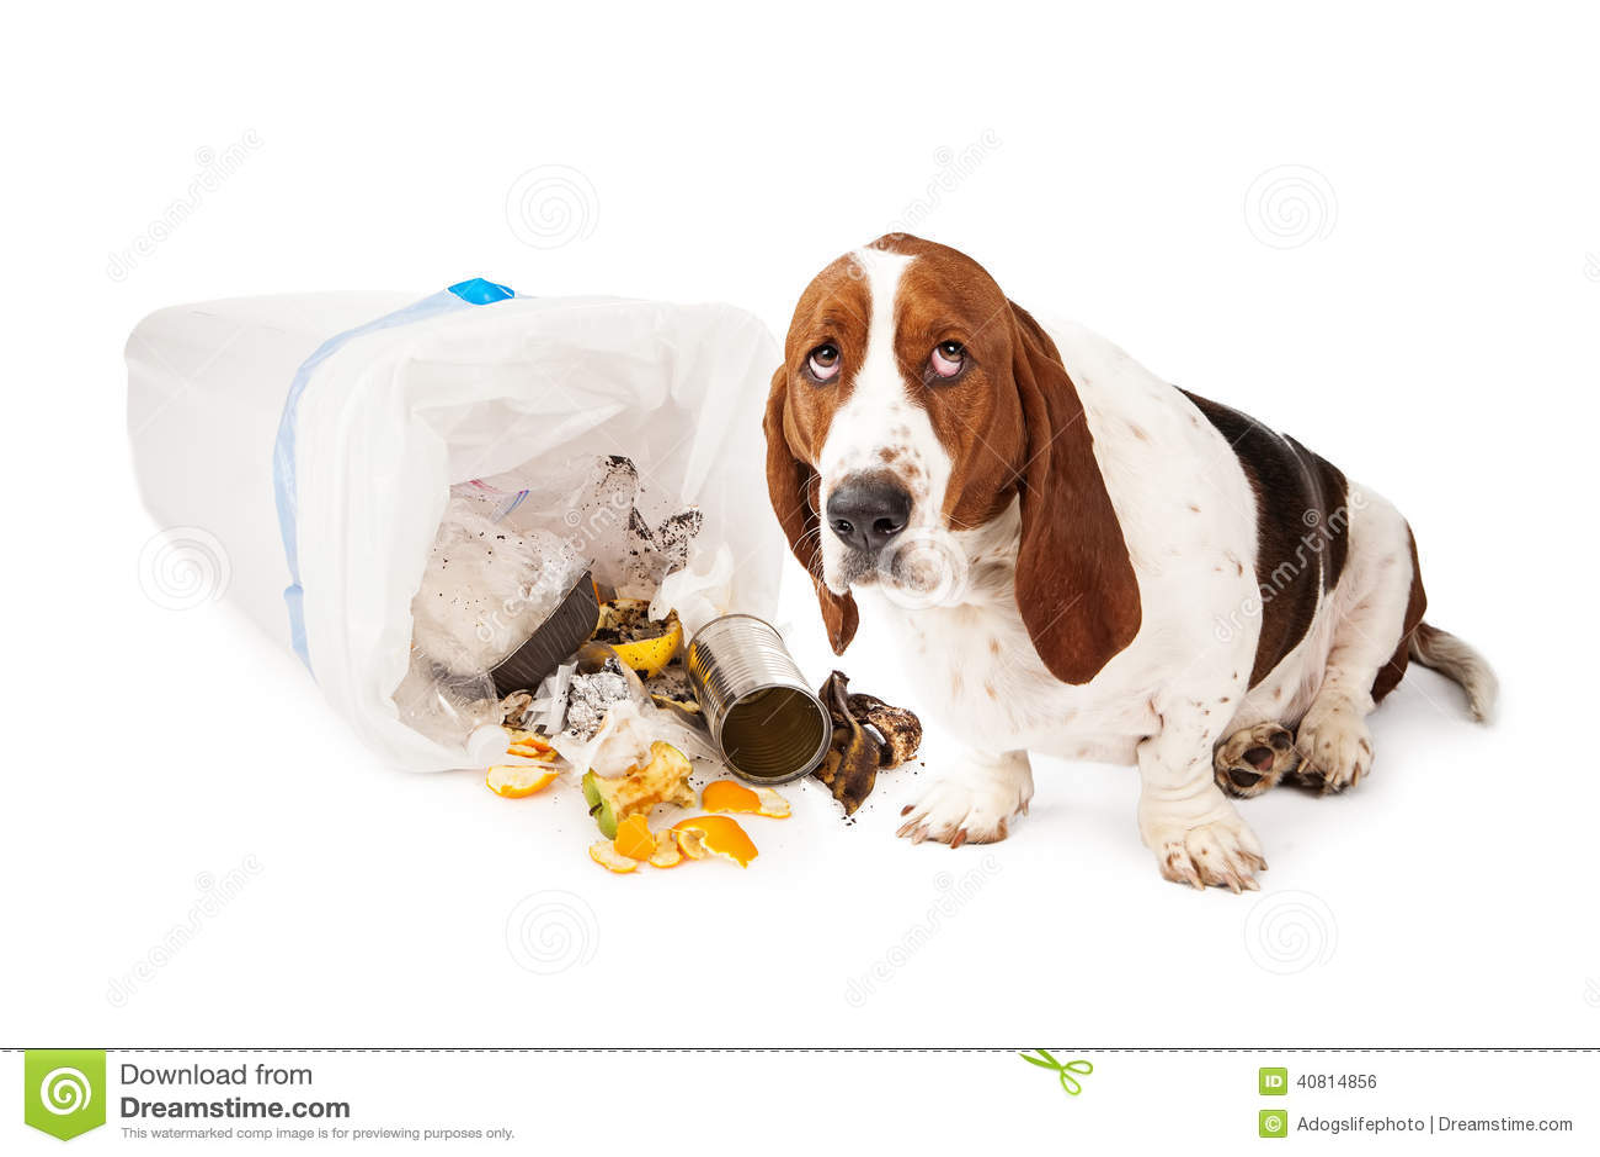 Mauvais chien entrant dans des déchets